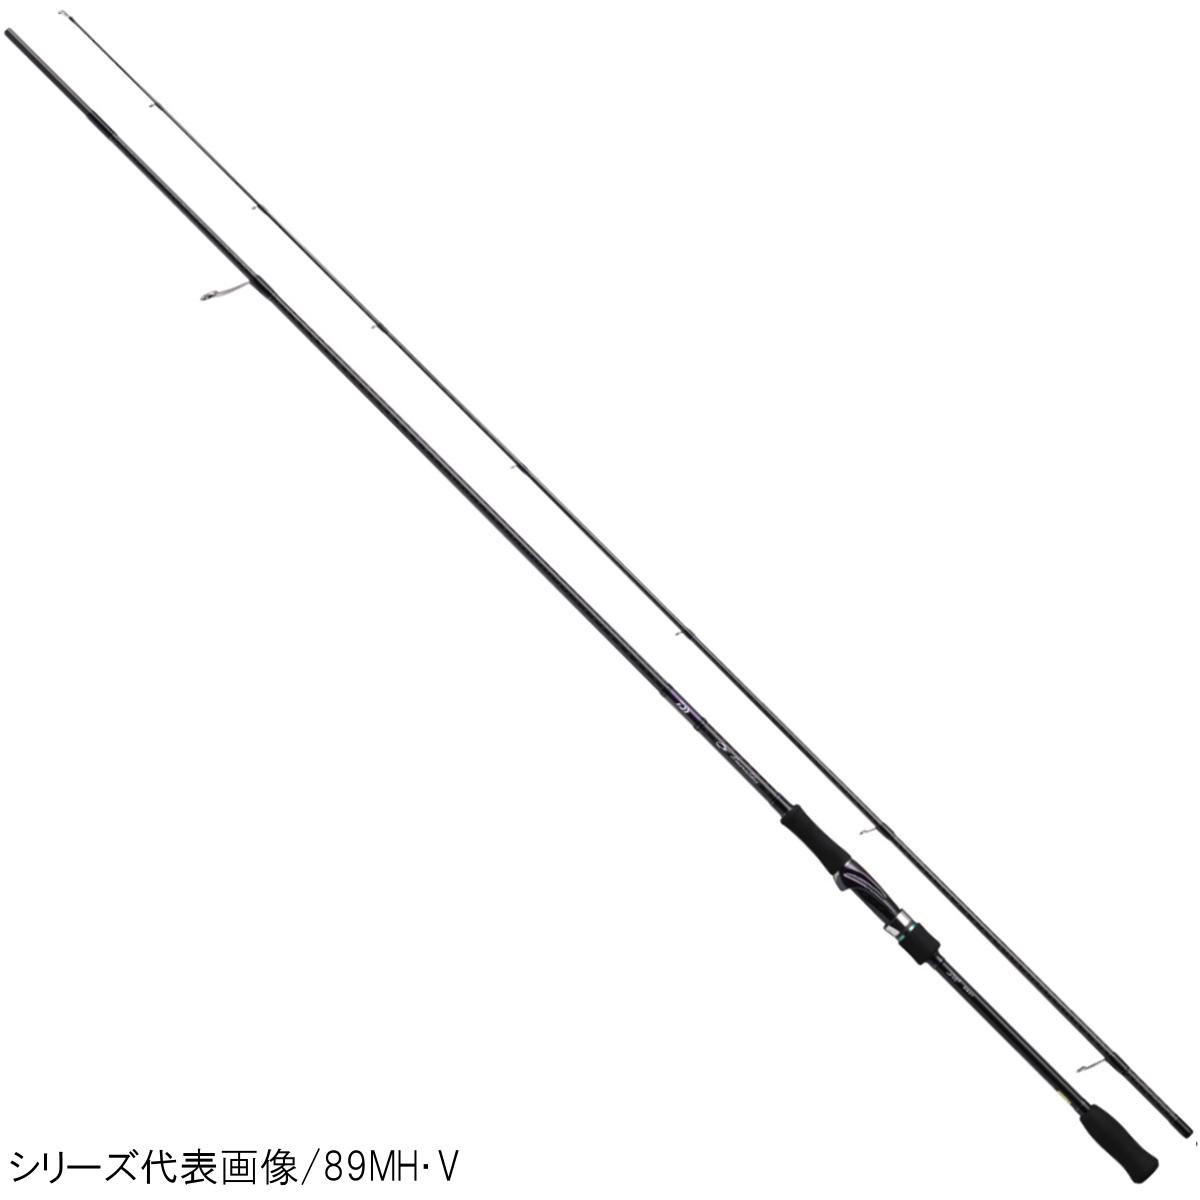 ダイワ エメラルダス 86M・V(東日本店)